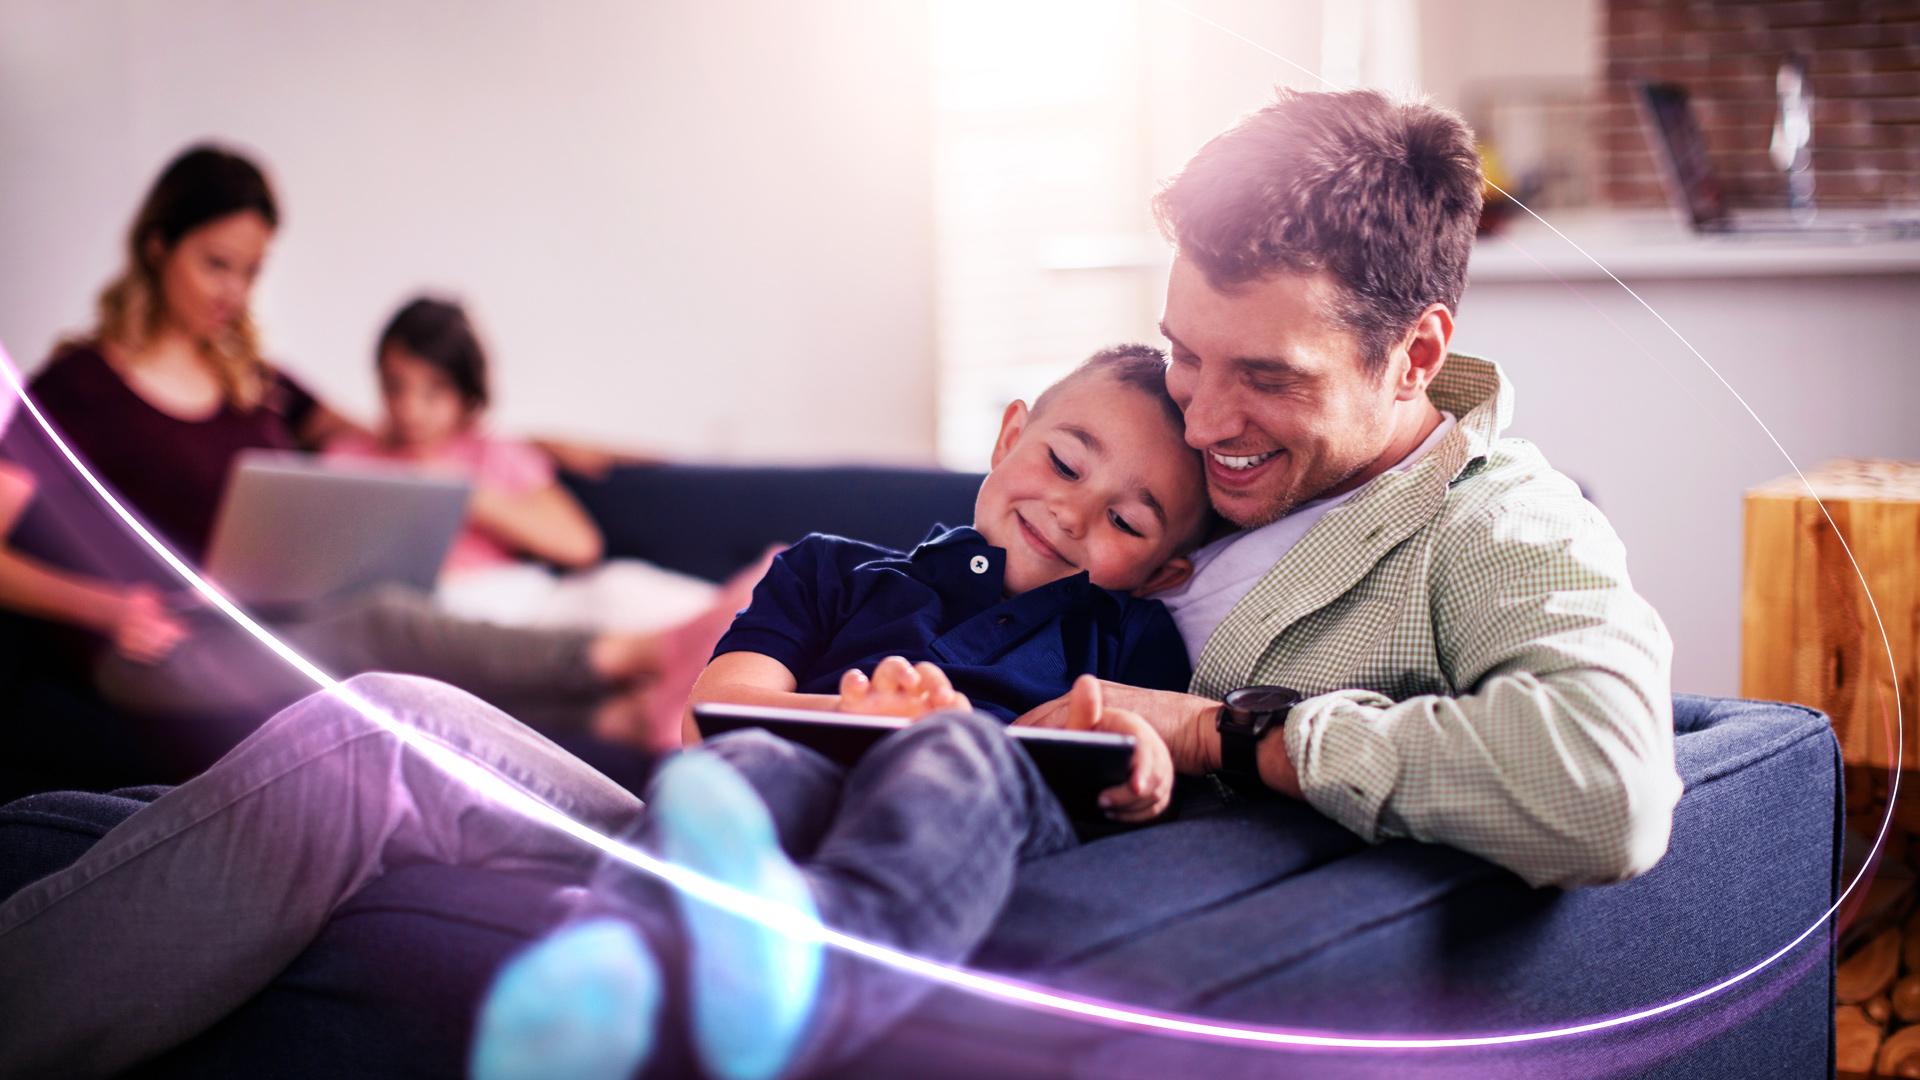 BT announces Home Essentials fibre tariff for eligible benefit claimants